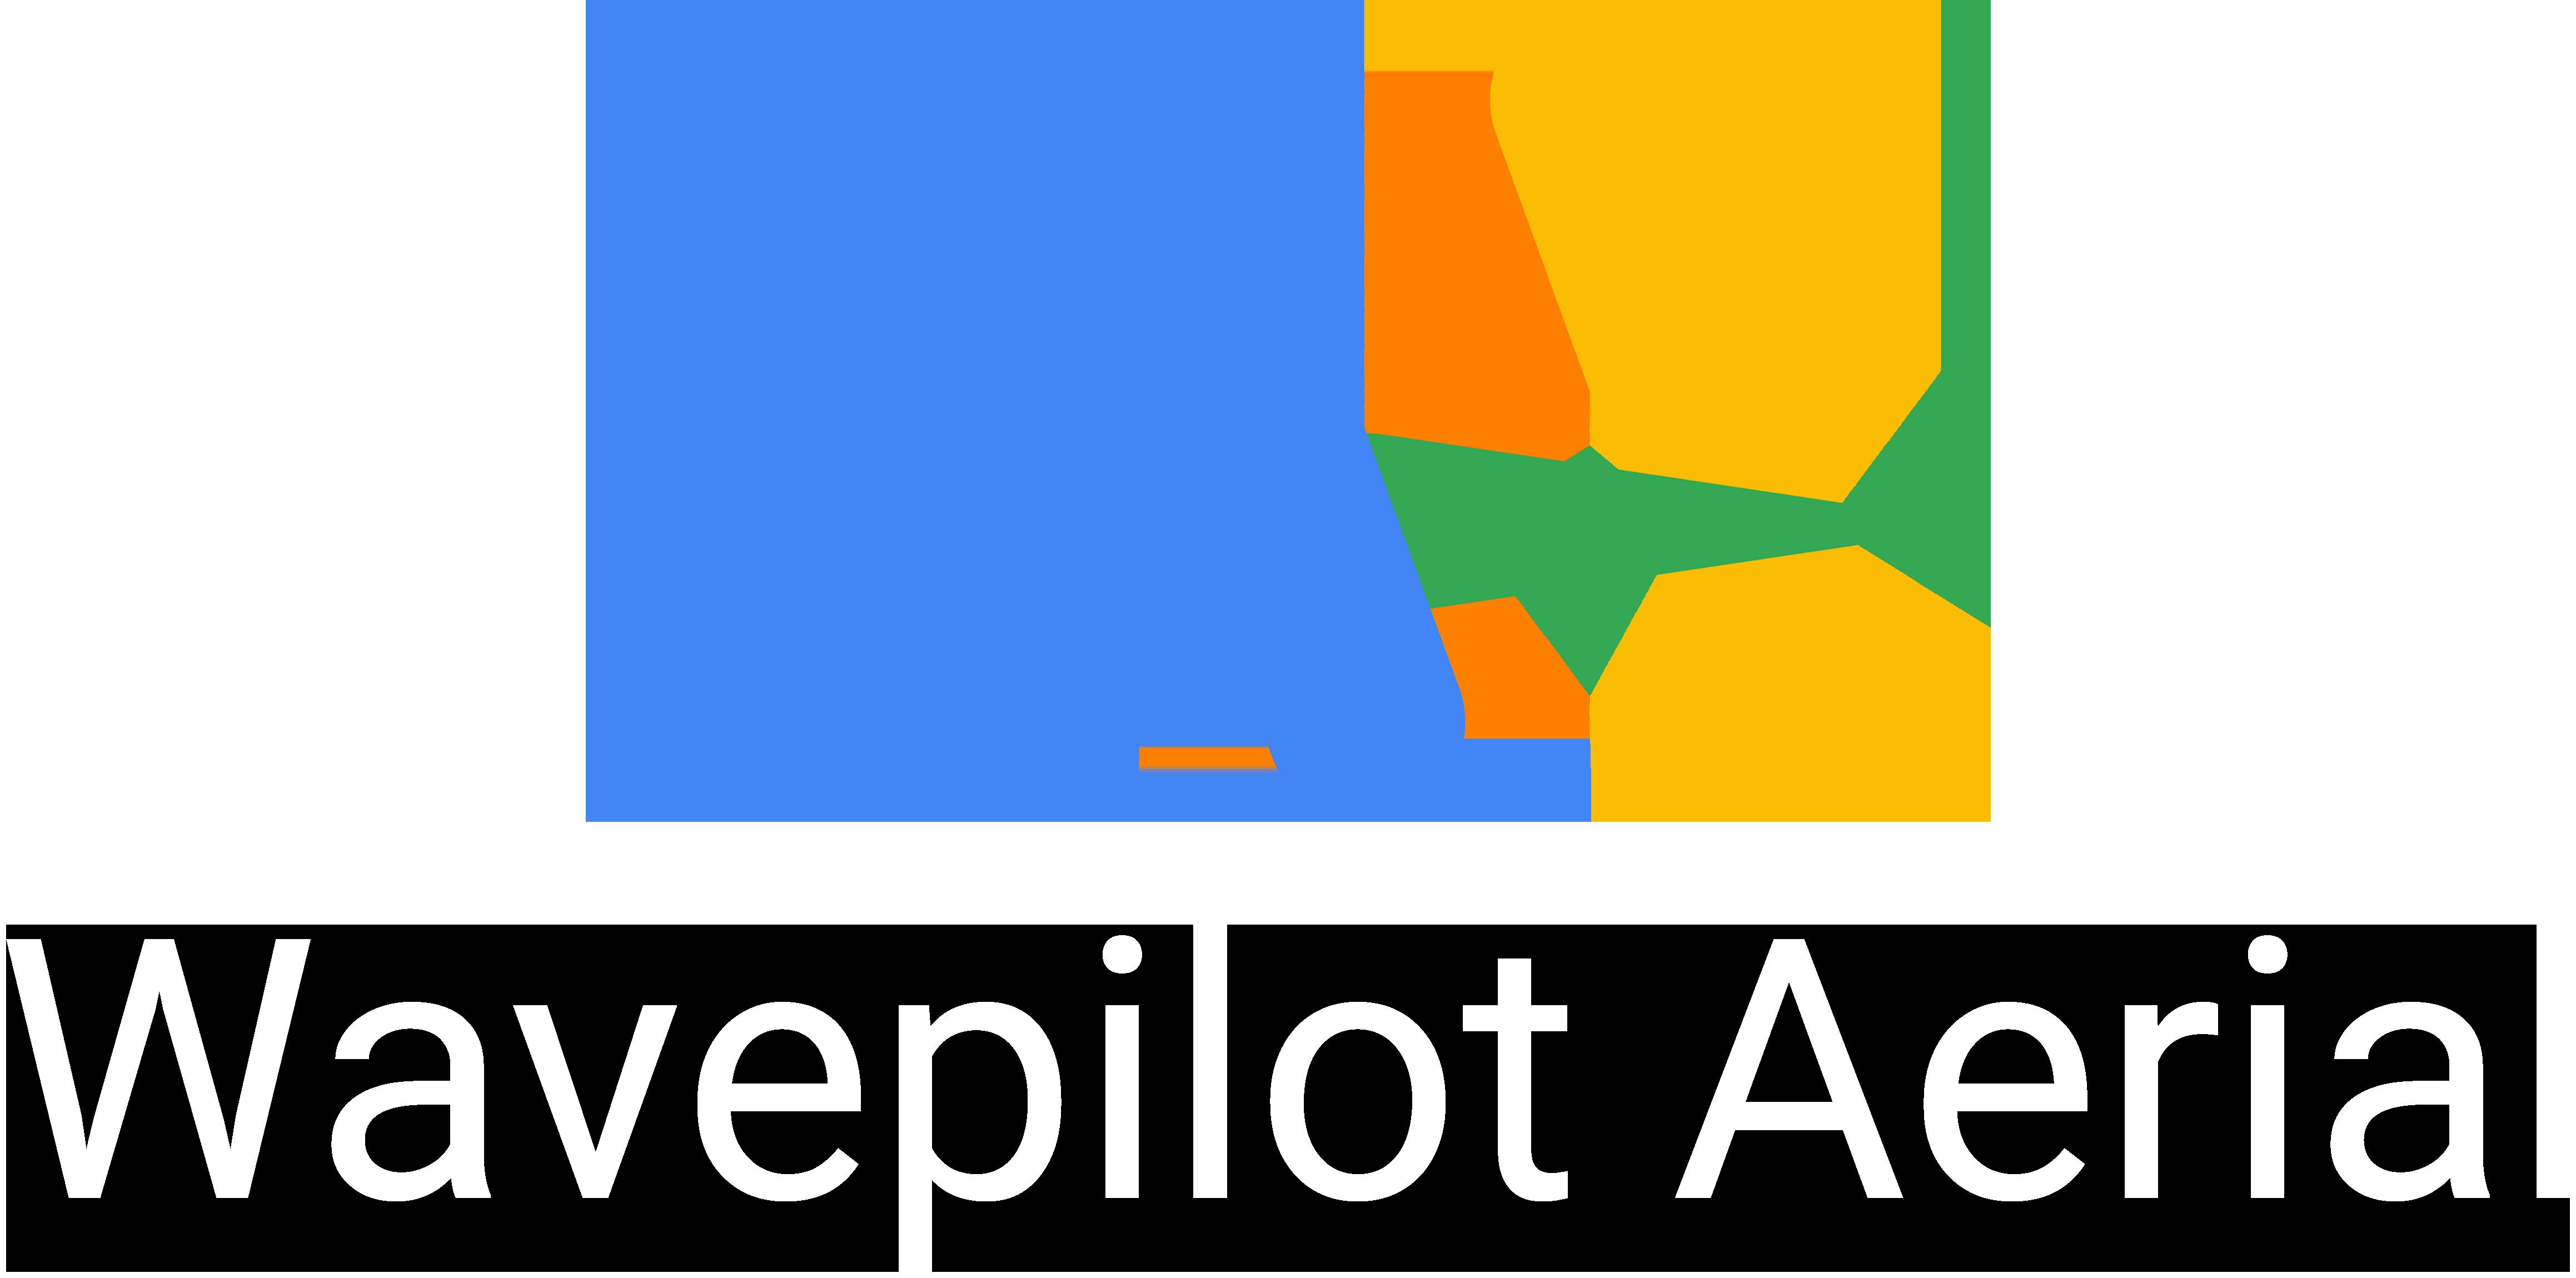 Wavepilot Aerial Logo